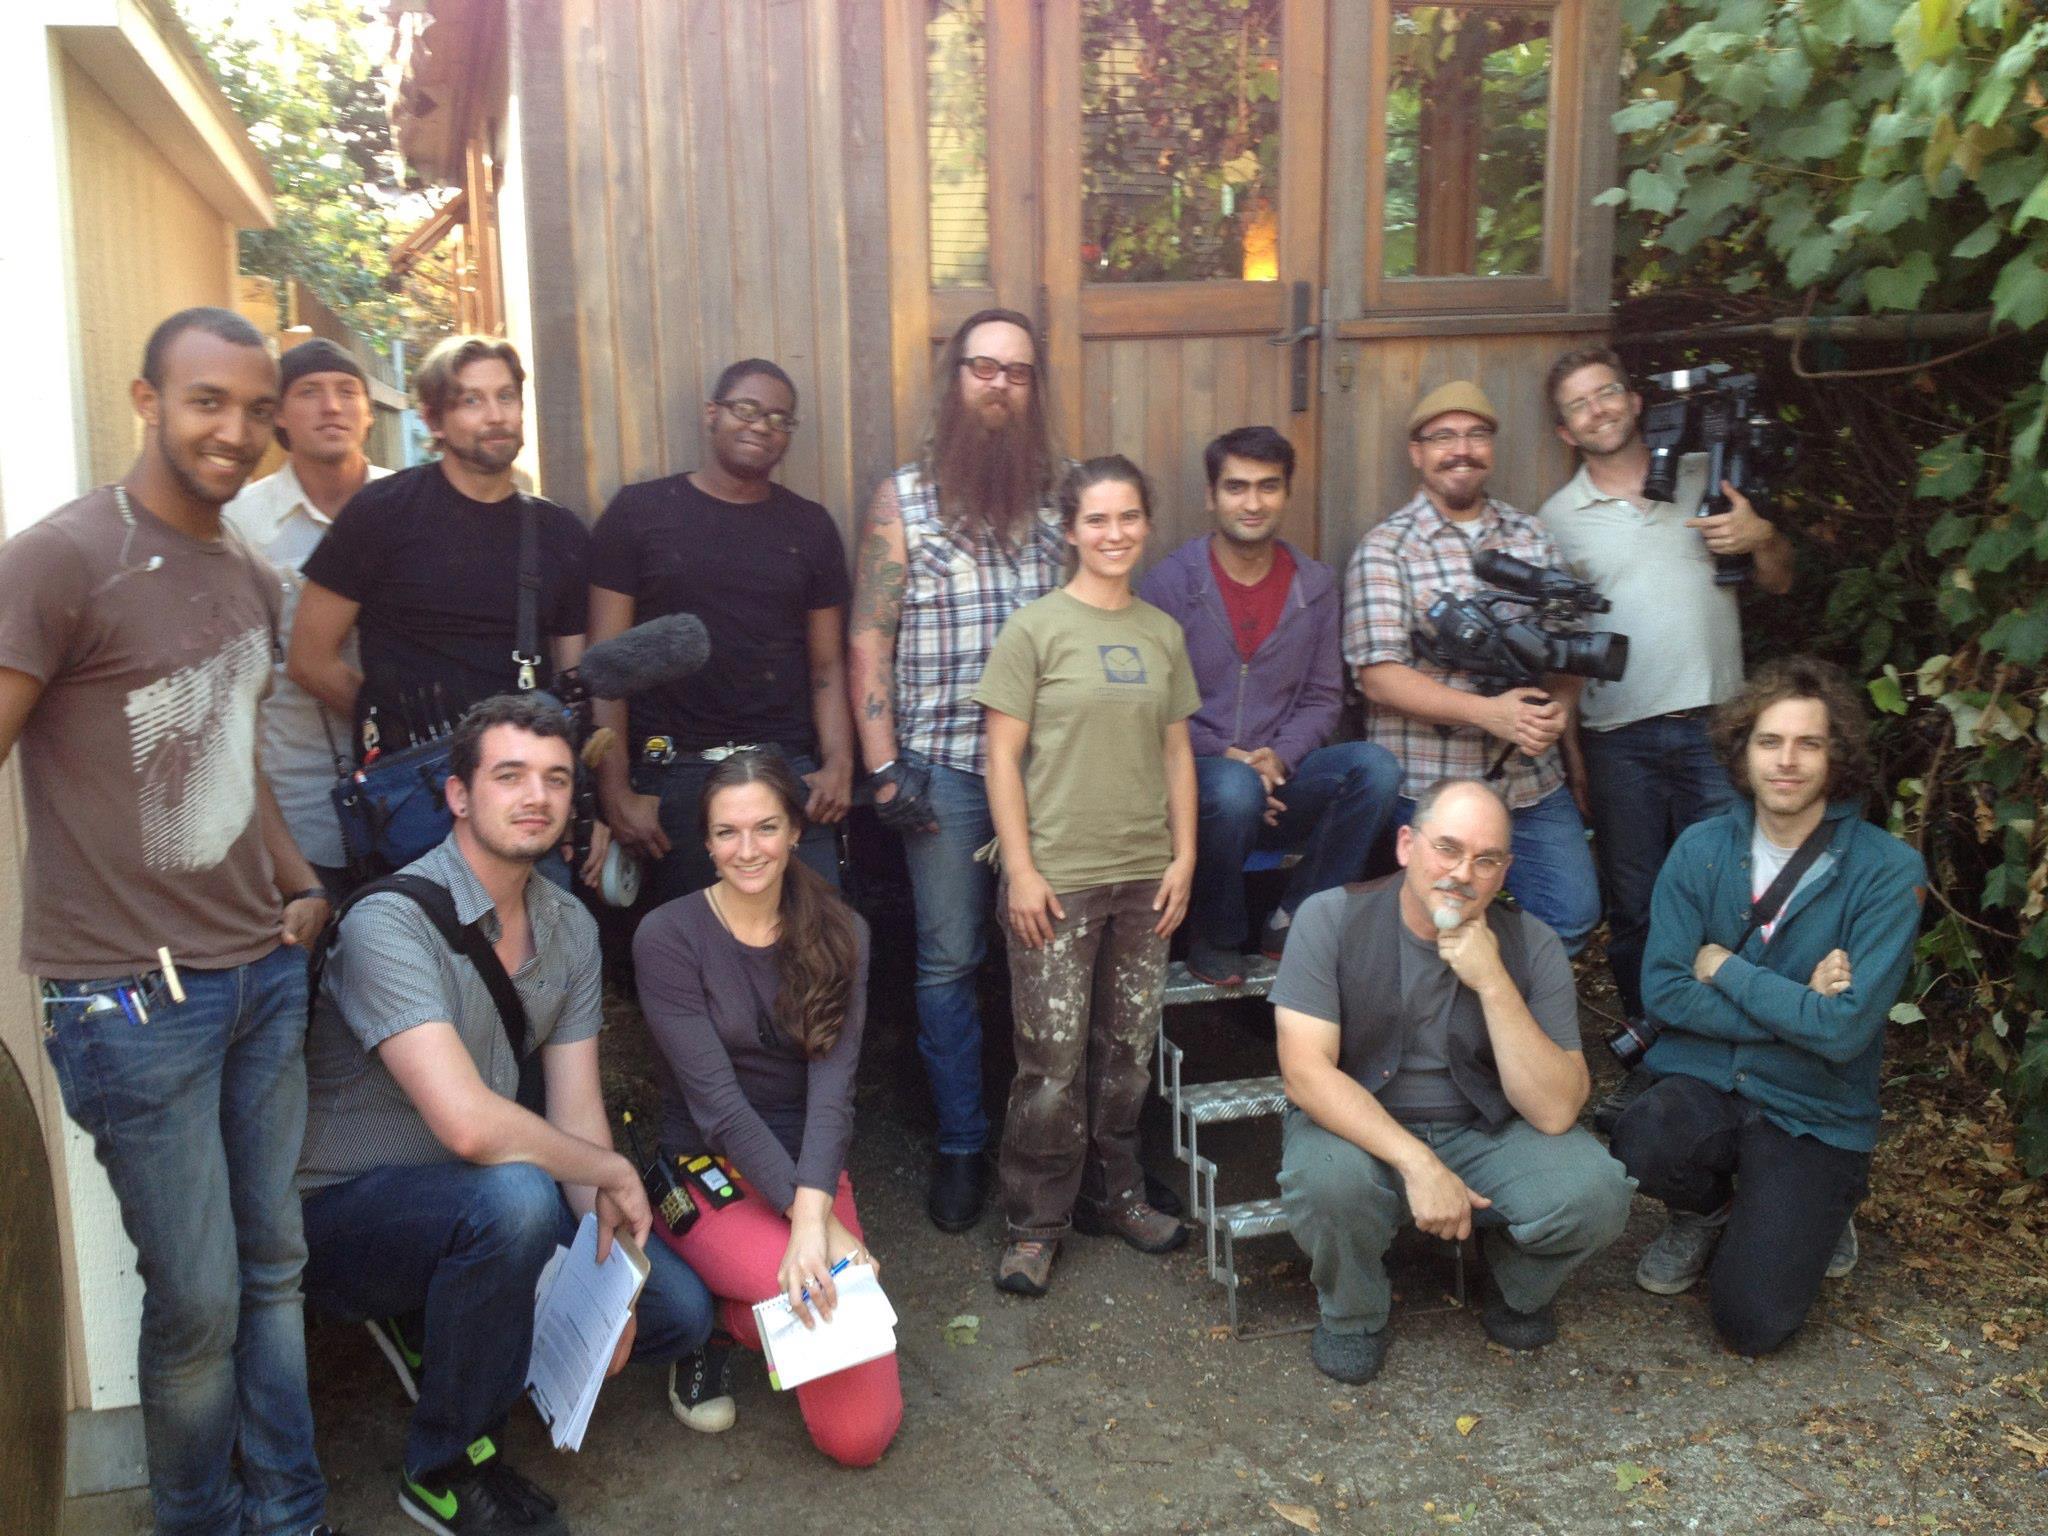 Portlandia Crew